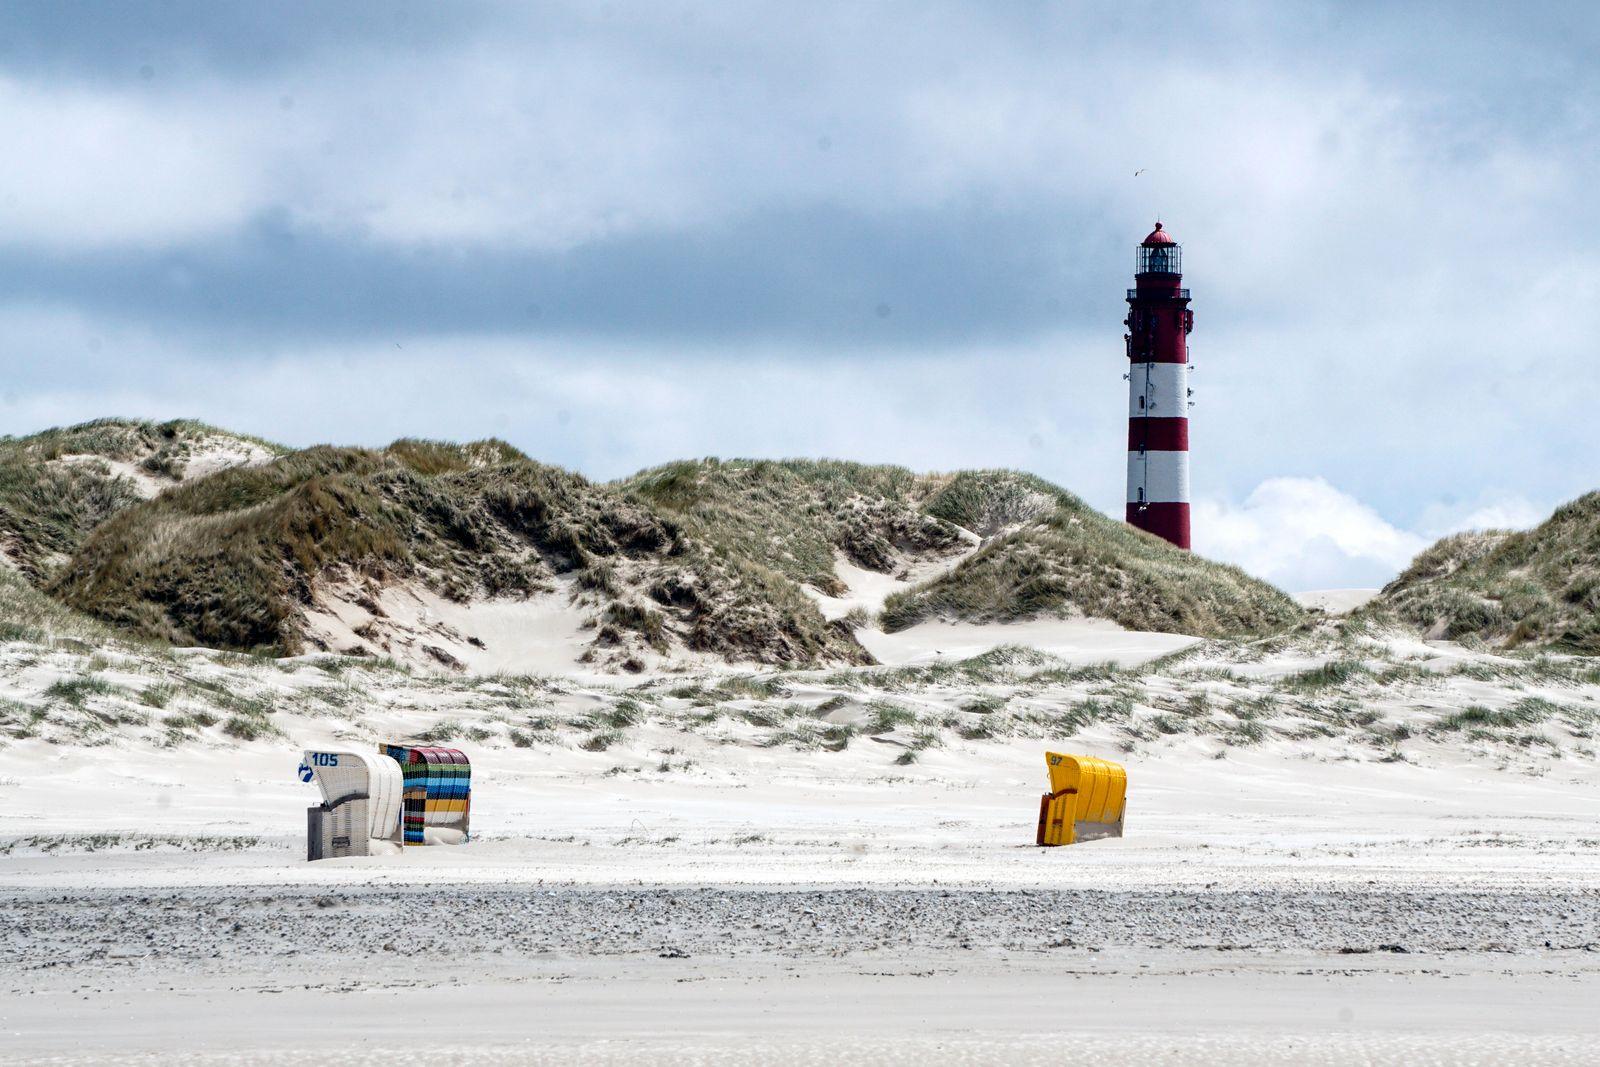 Leuchtturm Insel Amrum Insel Amrum,Sueddorf, 27.05.2021 - Leuchtturm auf der Insel Amrum, Strandkoerbe am Sandstrand. W